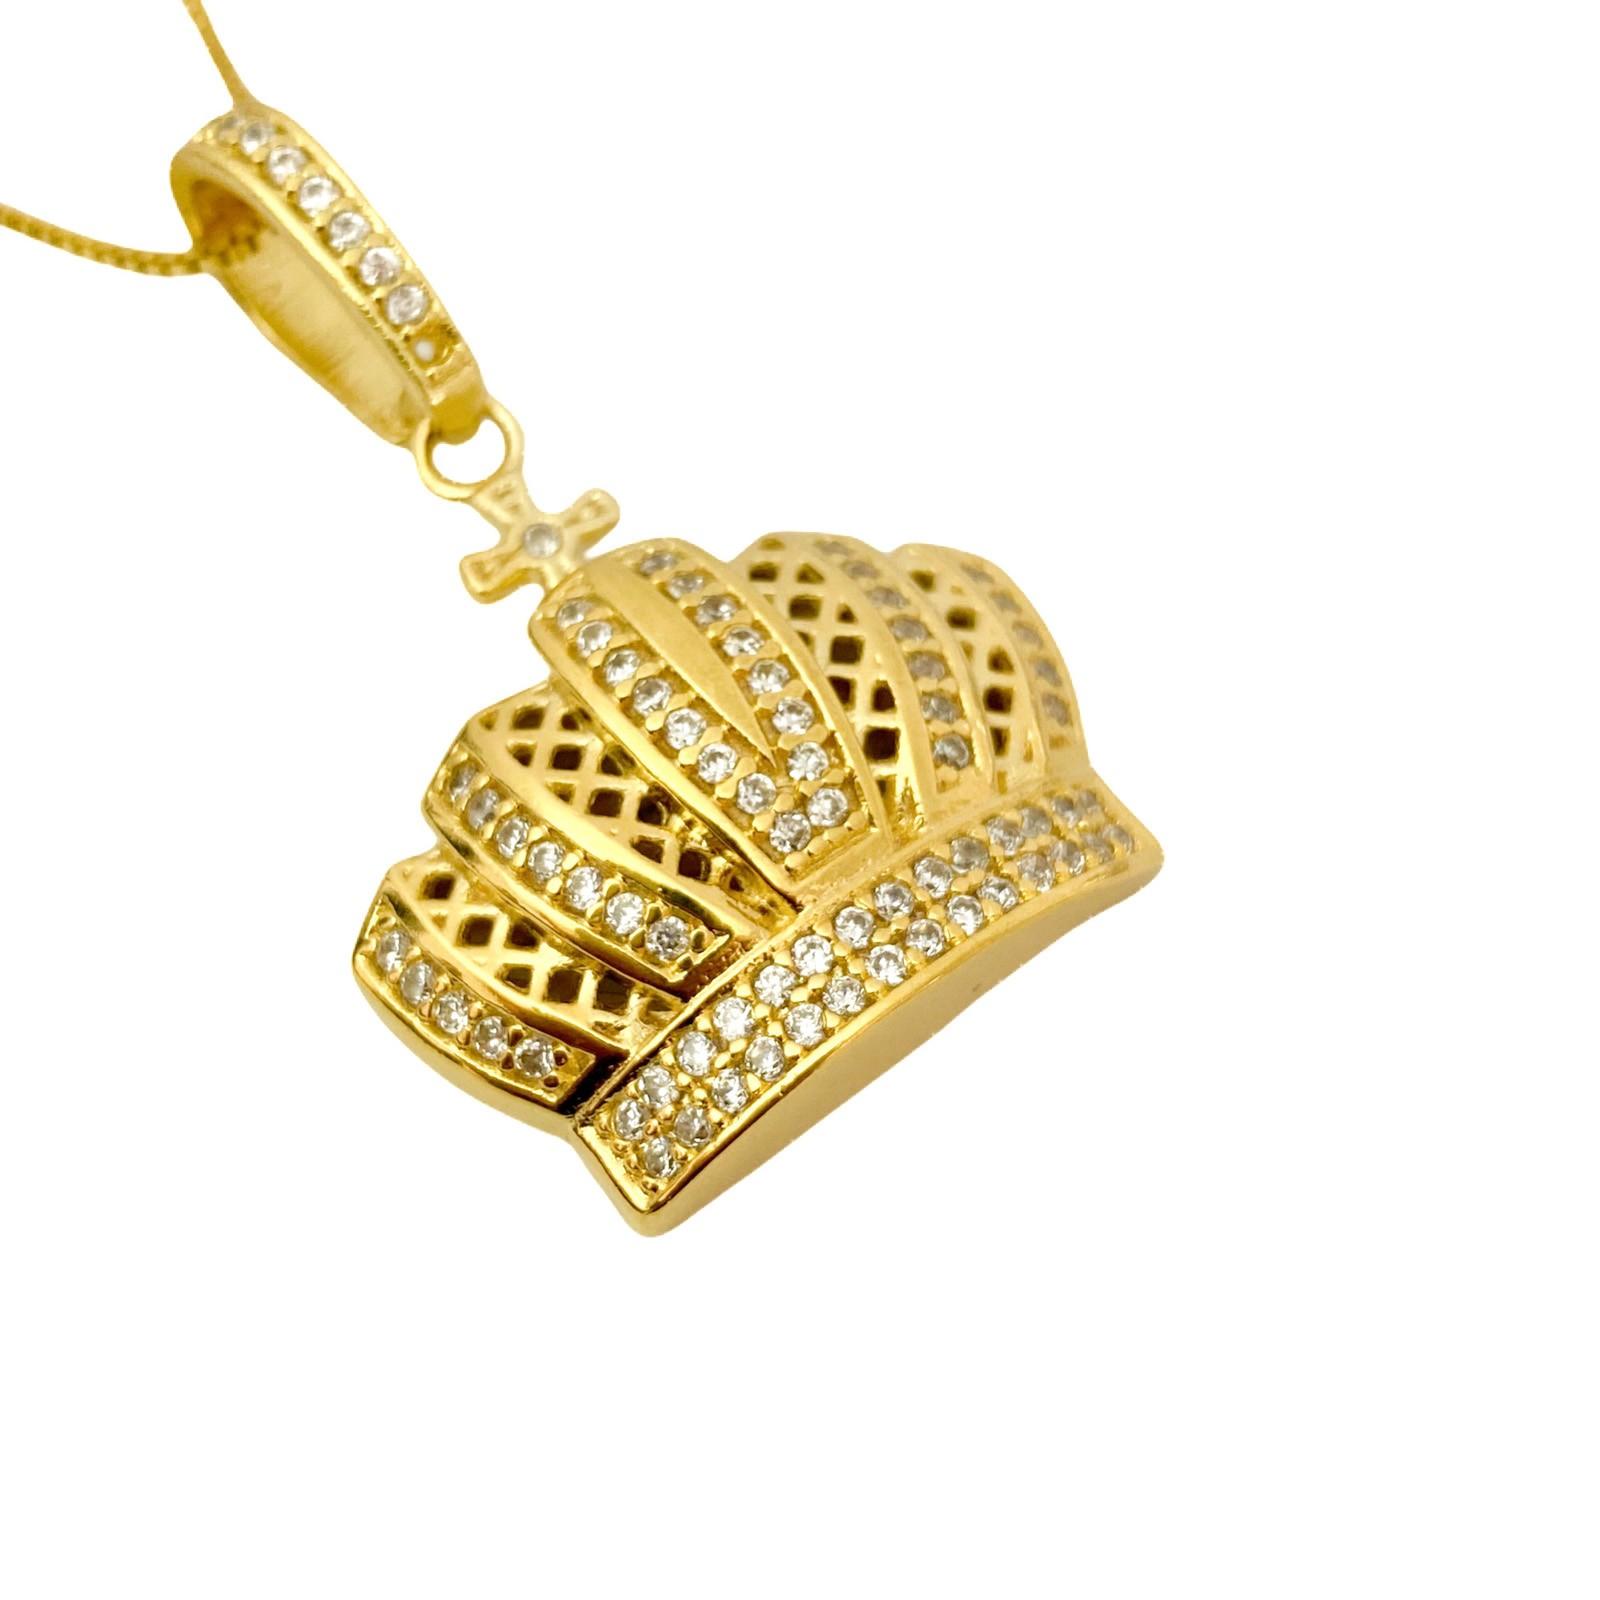 Pingente Coroa Cravejado em Zircônia 11g 3,1cm X 3cm